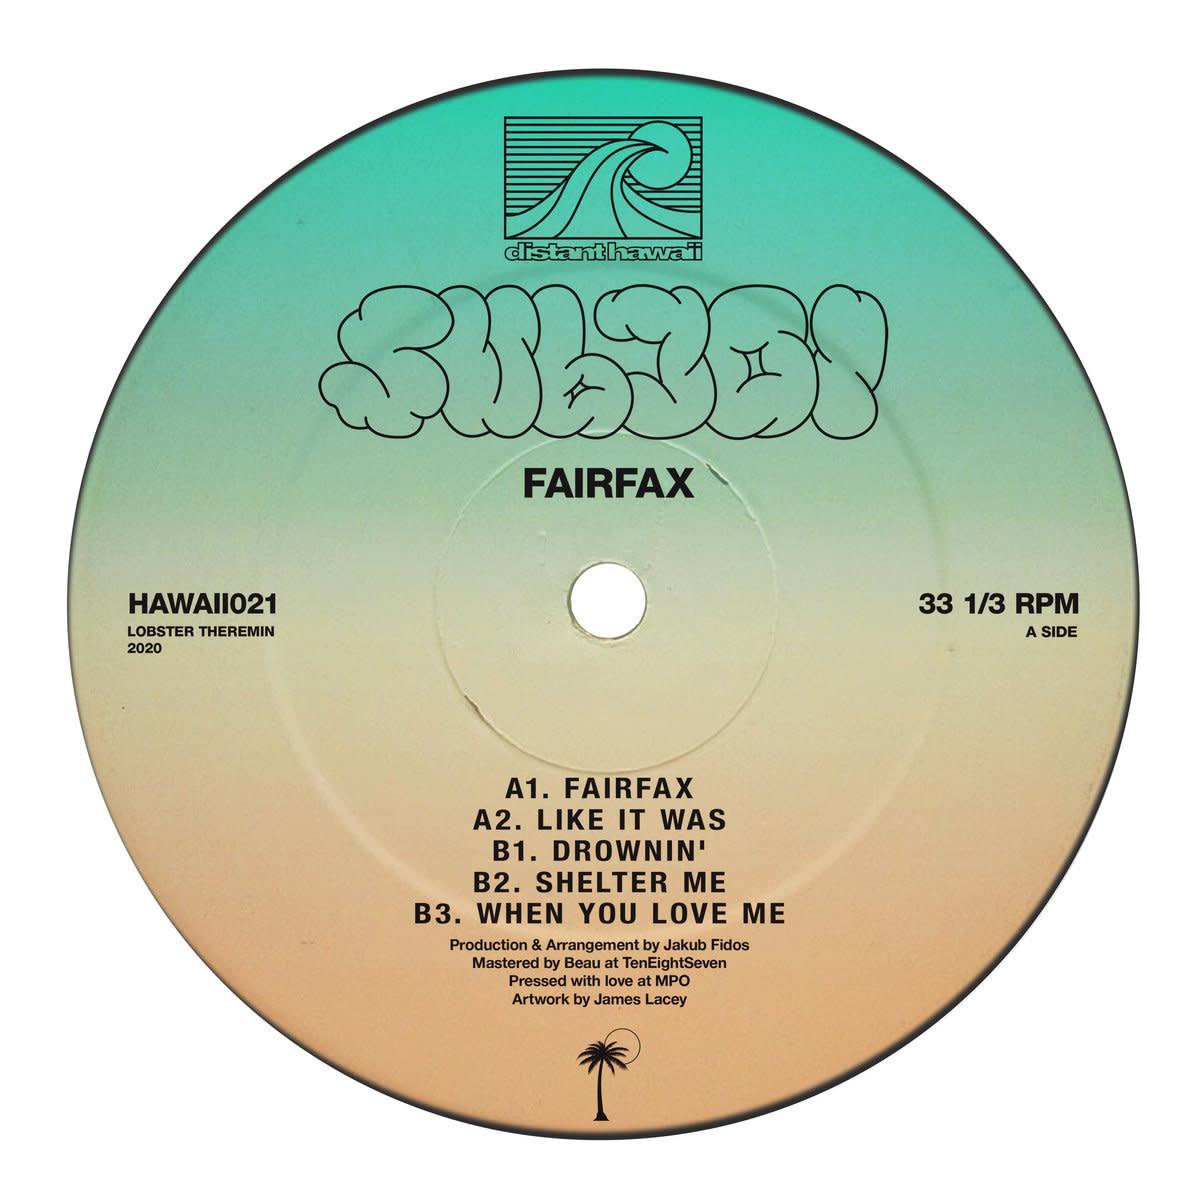 Subjoi Fairfax